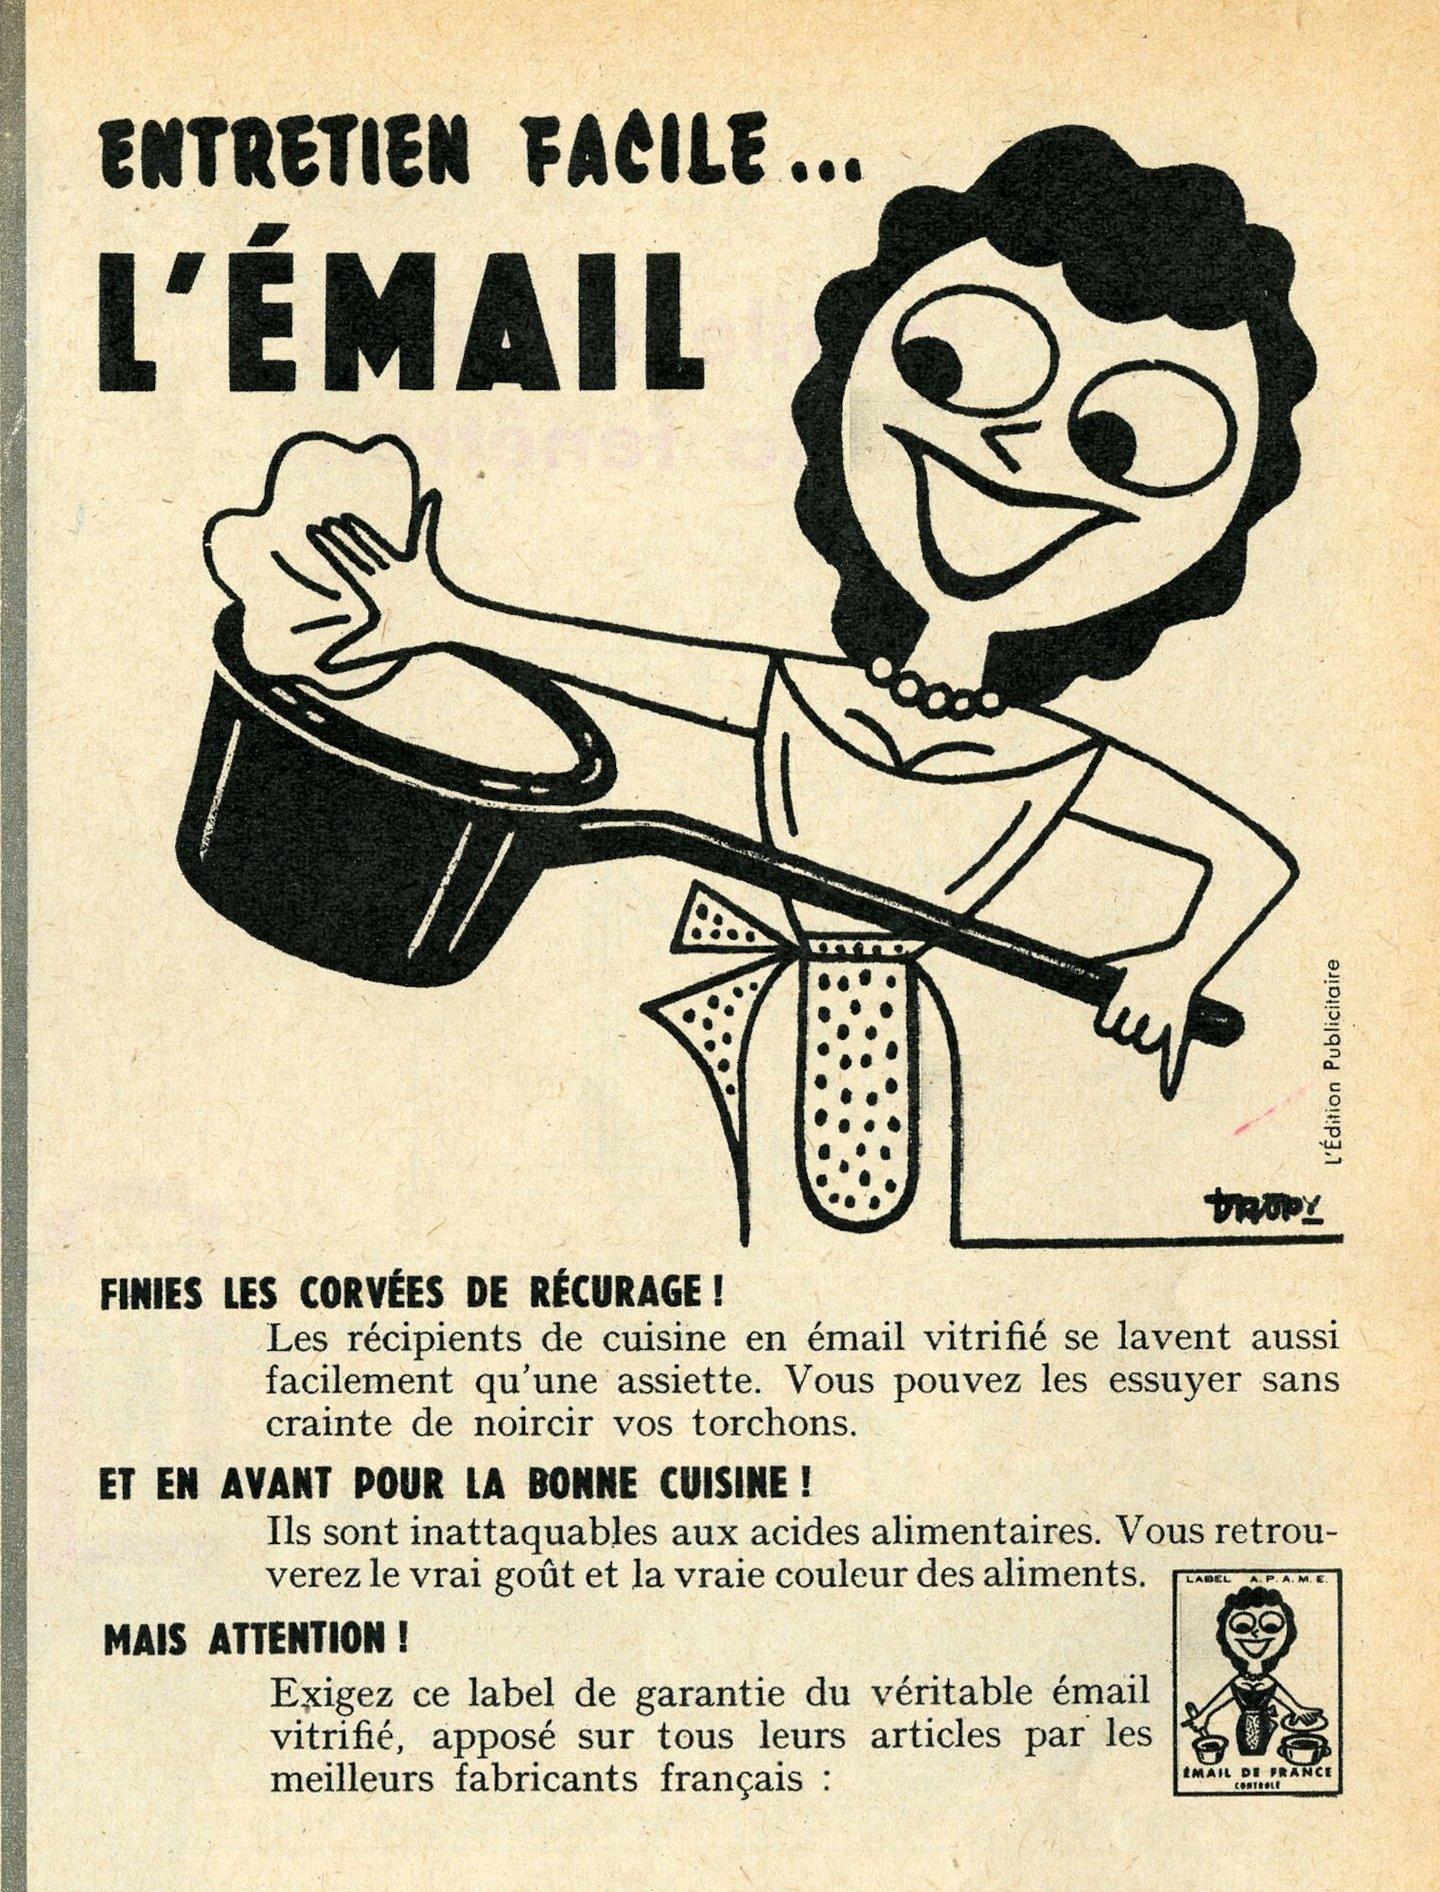 Reclame voor keurmerk Émail de France